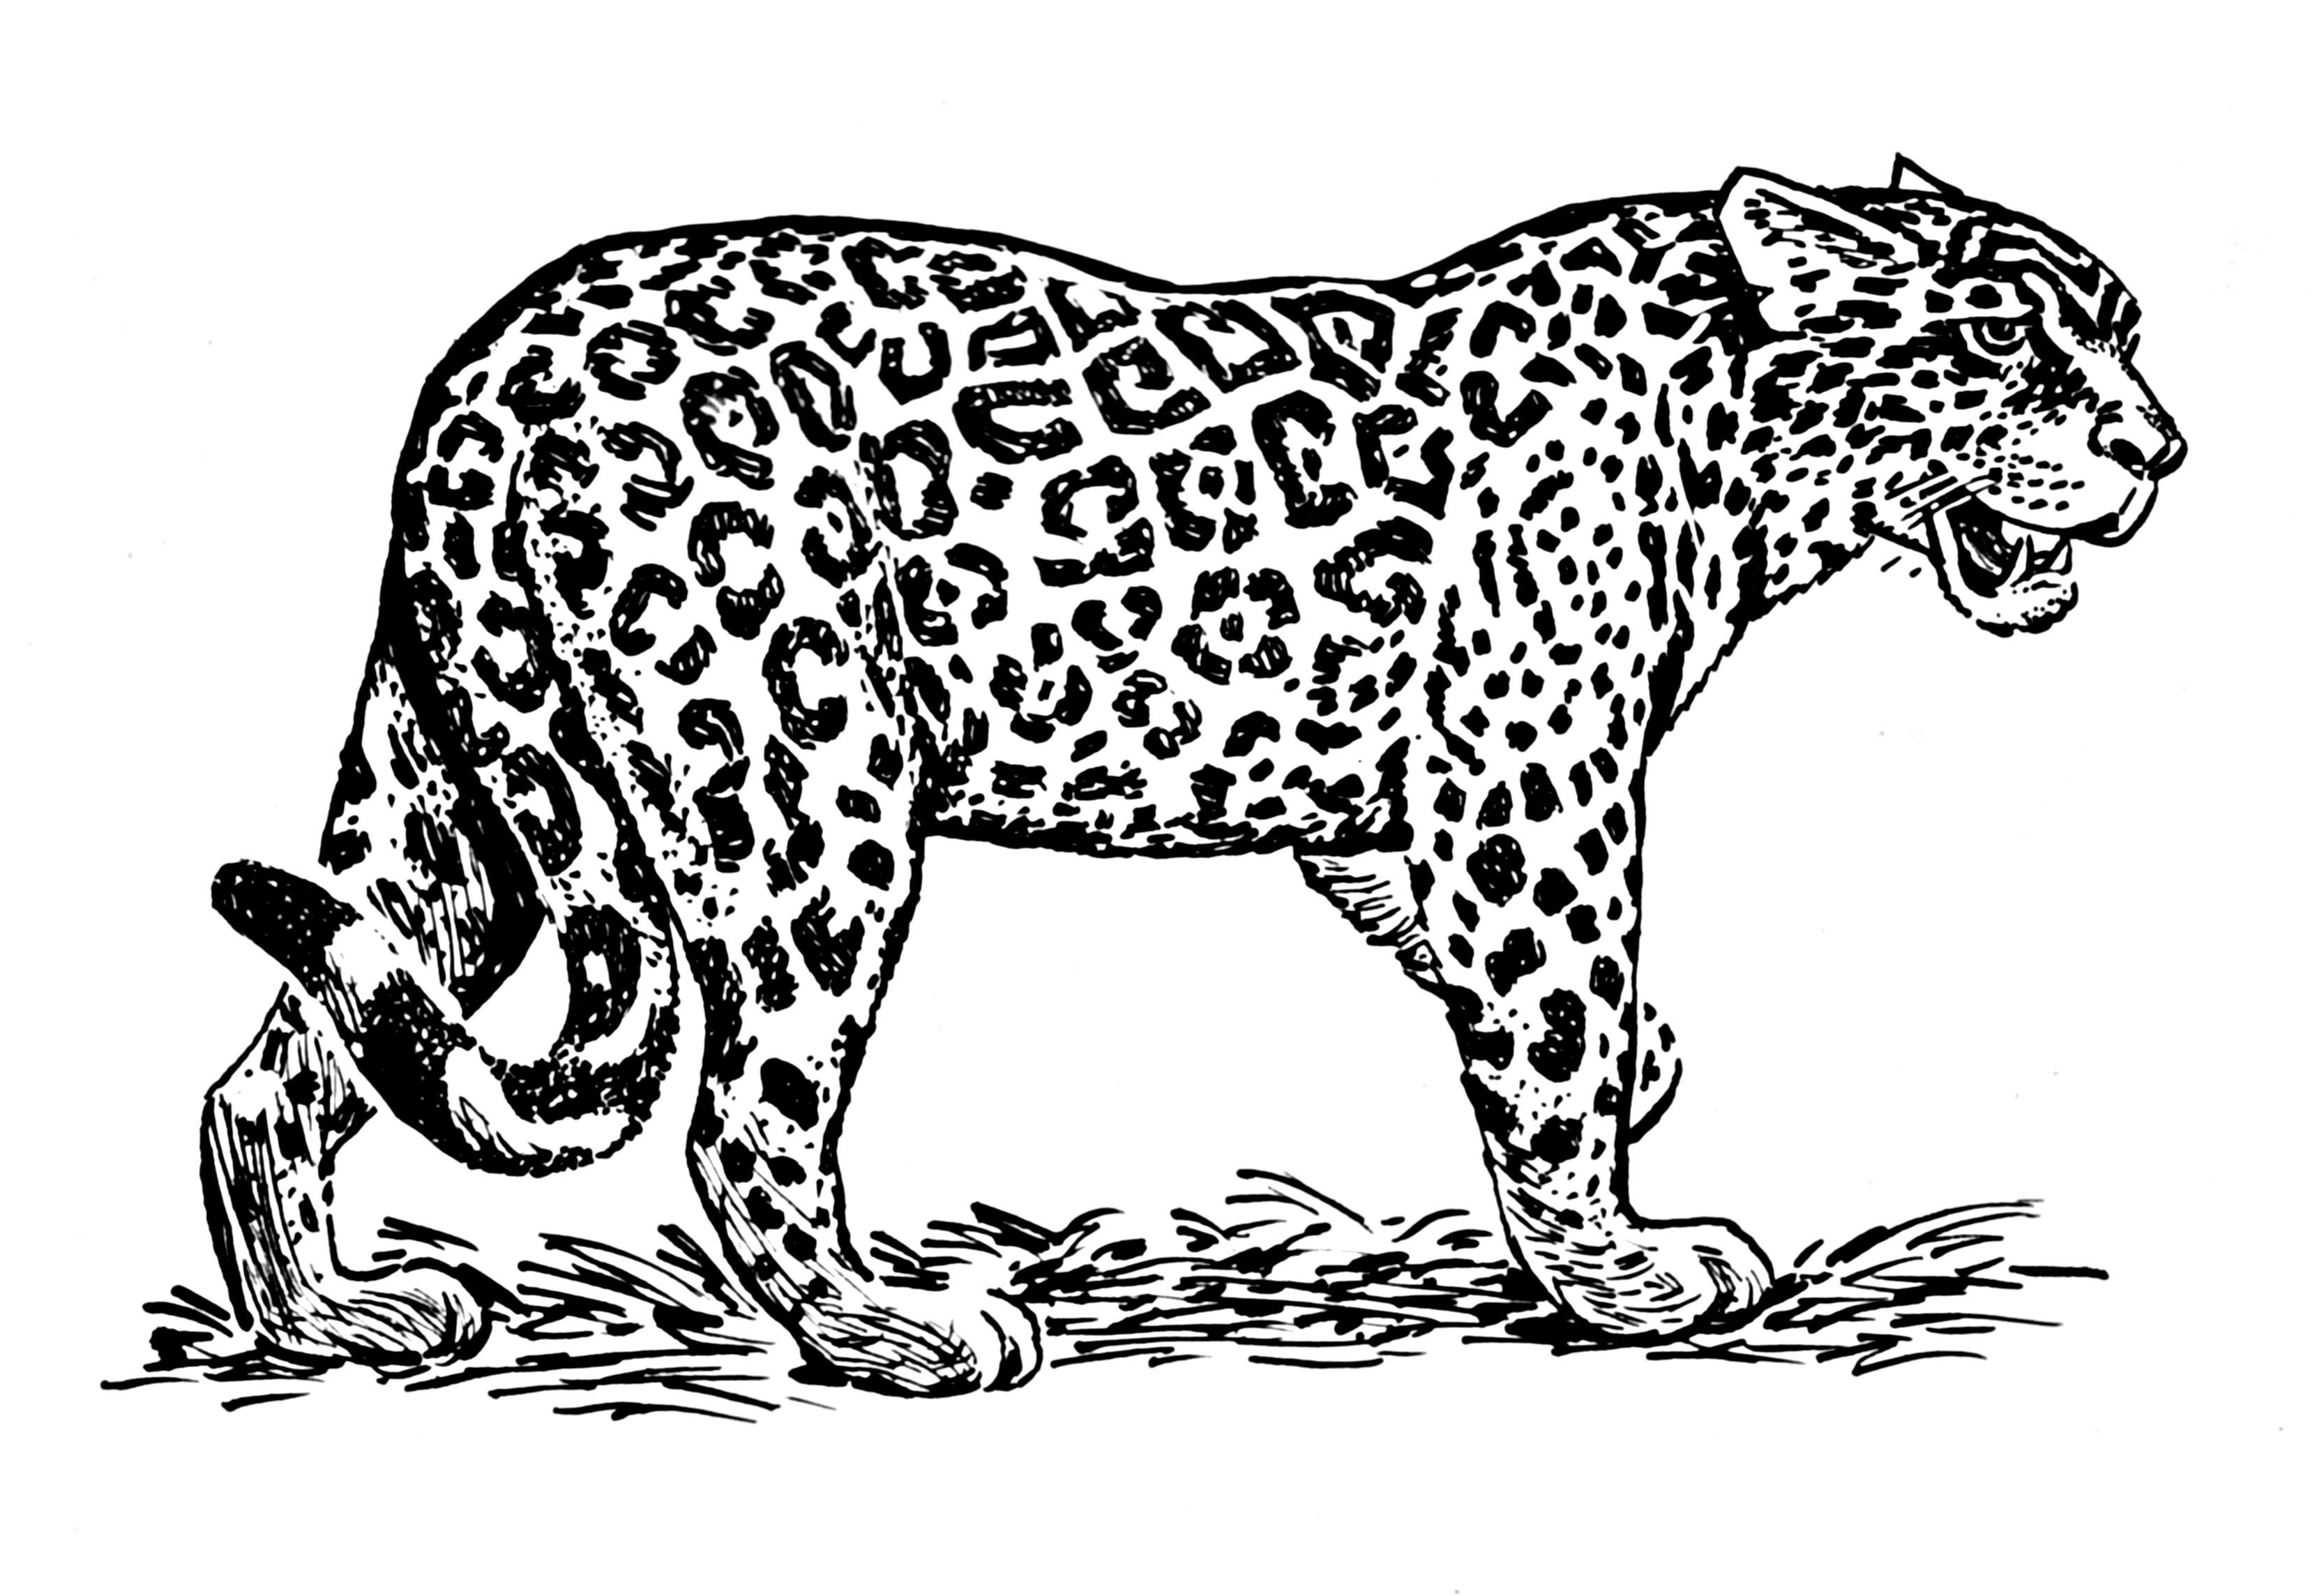 8 Remarquable Jaguar Coloriage Photos Dessin Jaguar Coloriage Coloriage Animaux